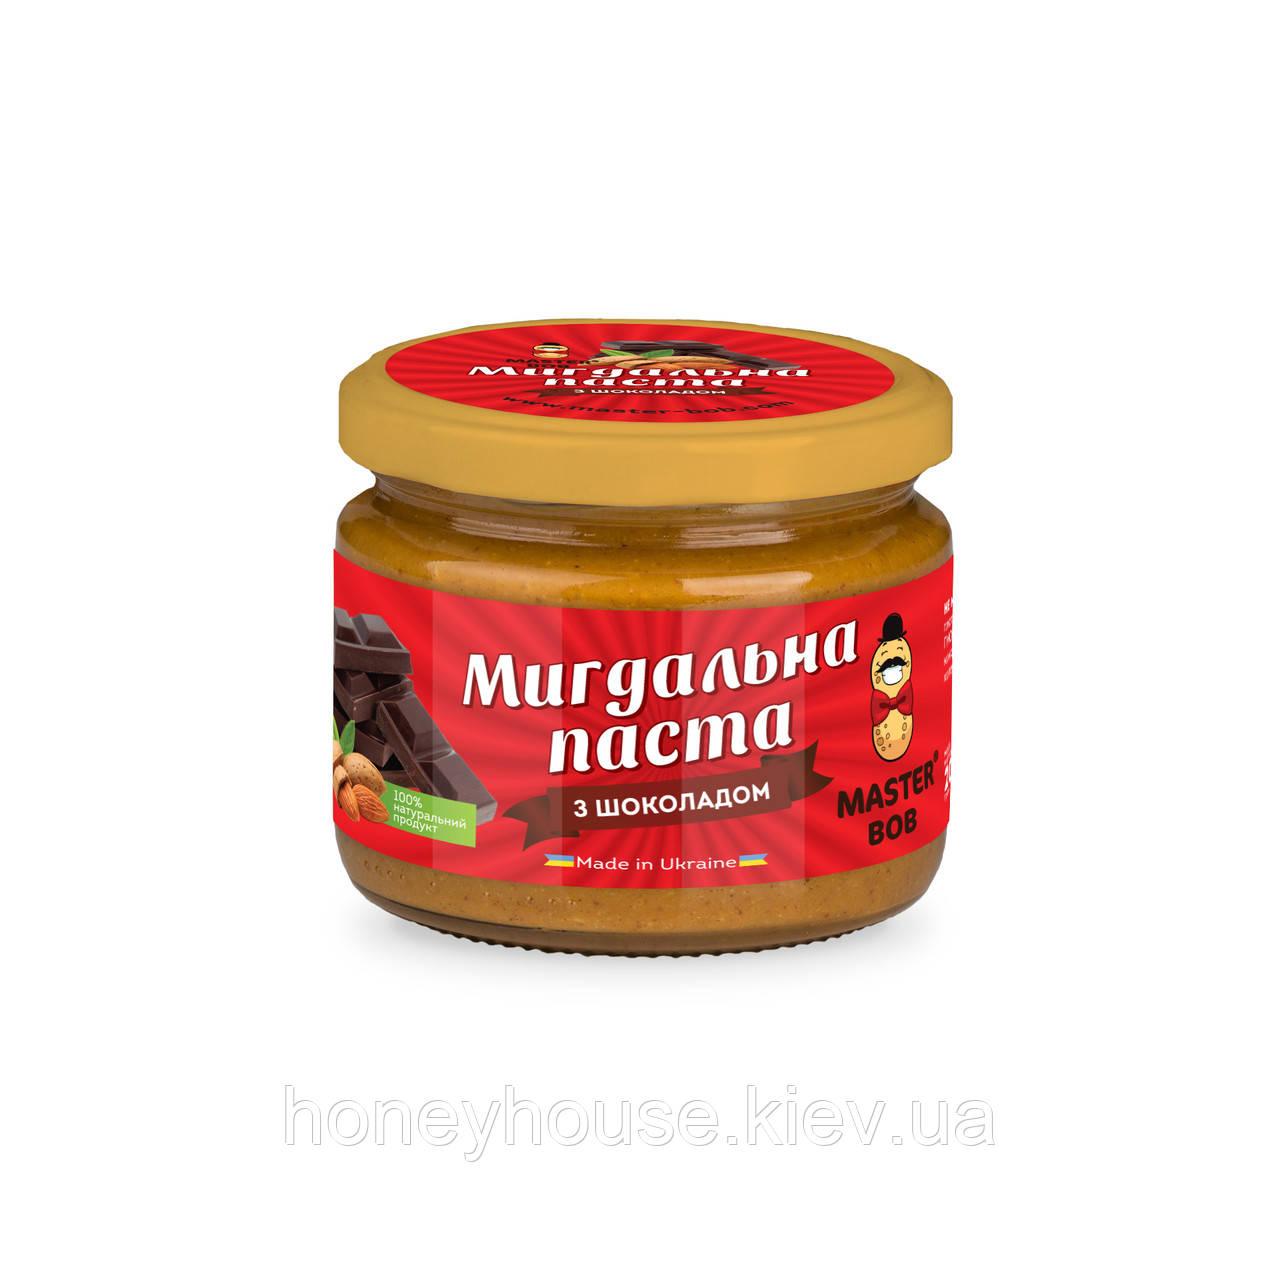 Паста миндальная с шоколадом ТМ Мастер Боб, 200гр